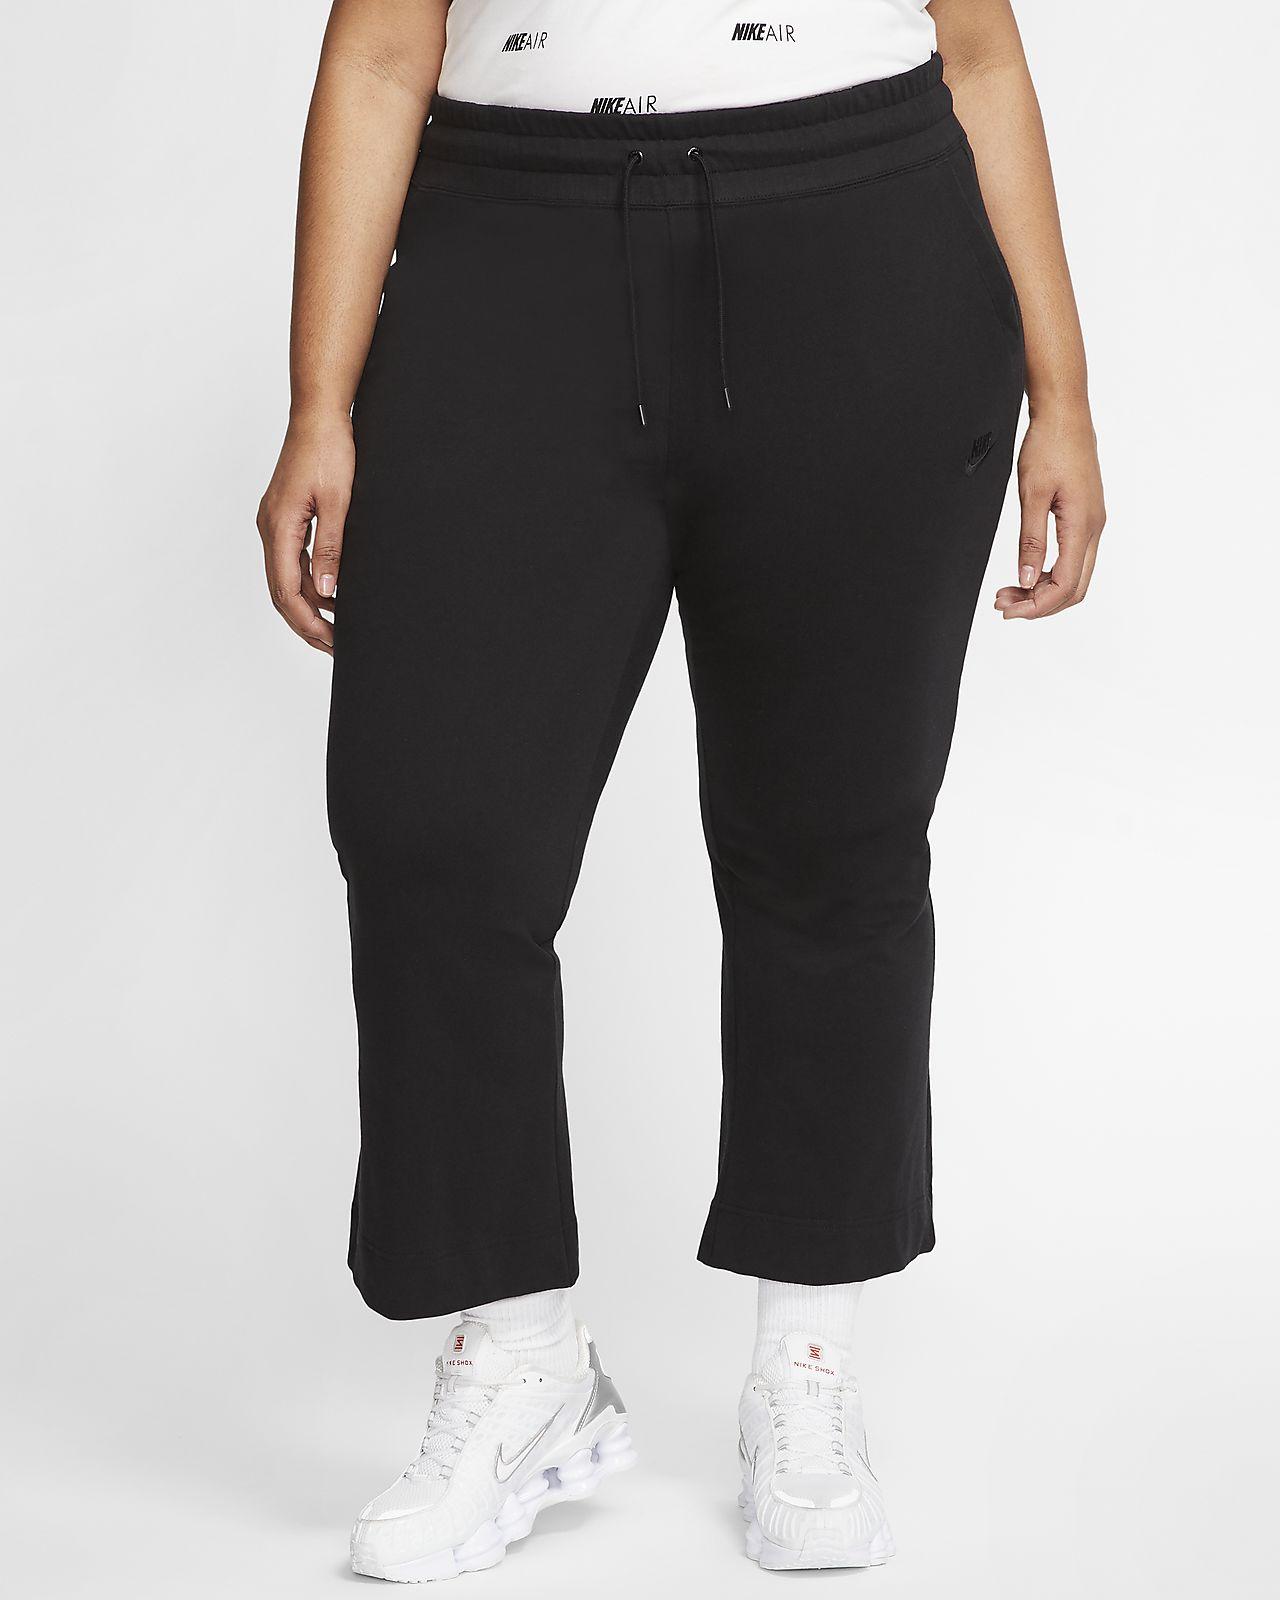 pantaloni donna nike plus